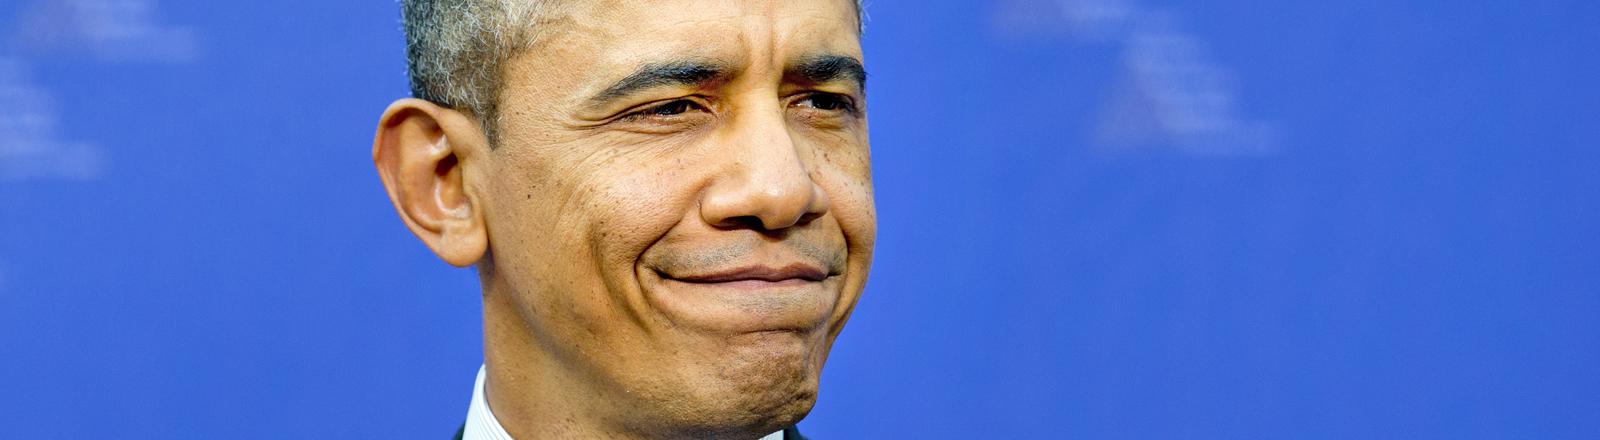 Barack Obama schneidet eine Grimasse